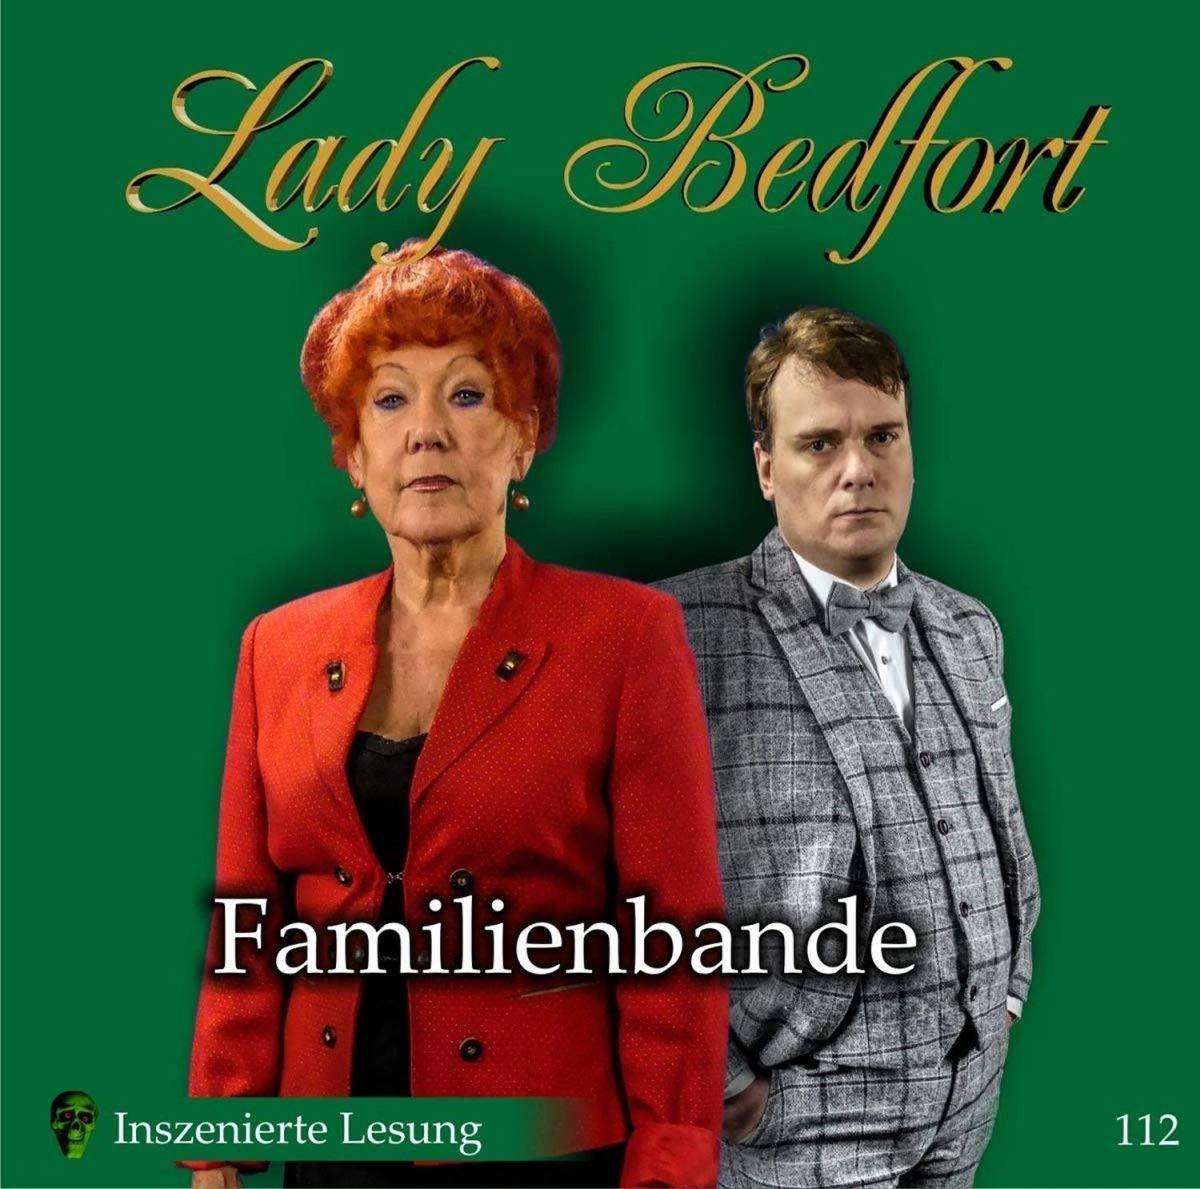 Lady Bedfort - Folge 112: Familienbande (Inszenierte Lesung)